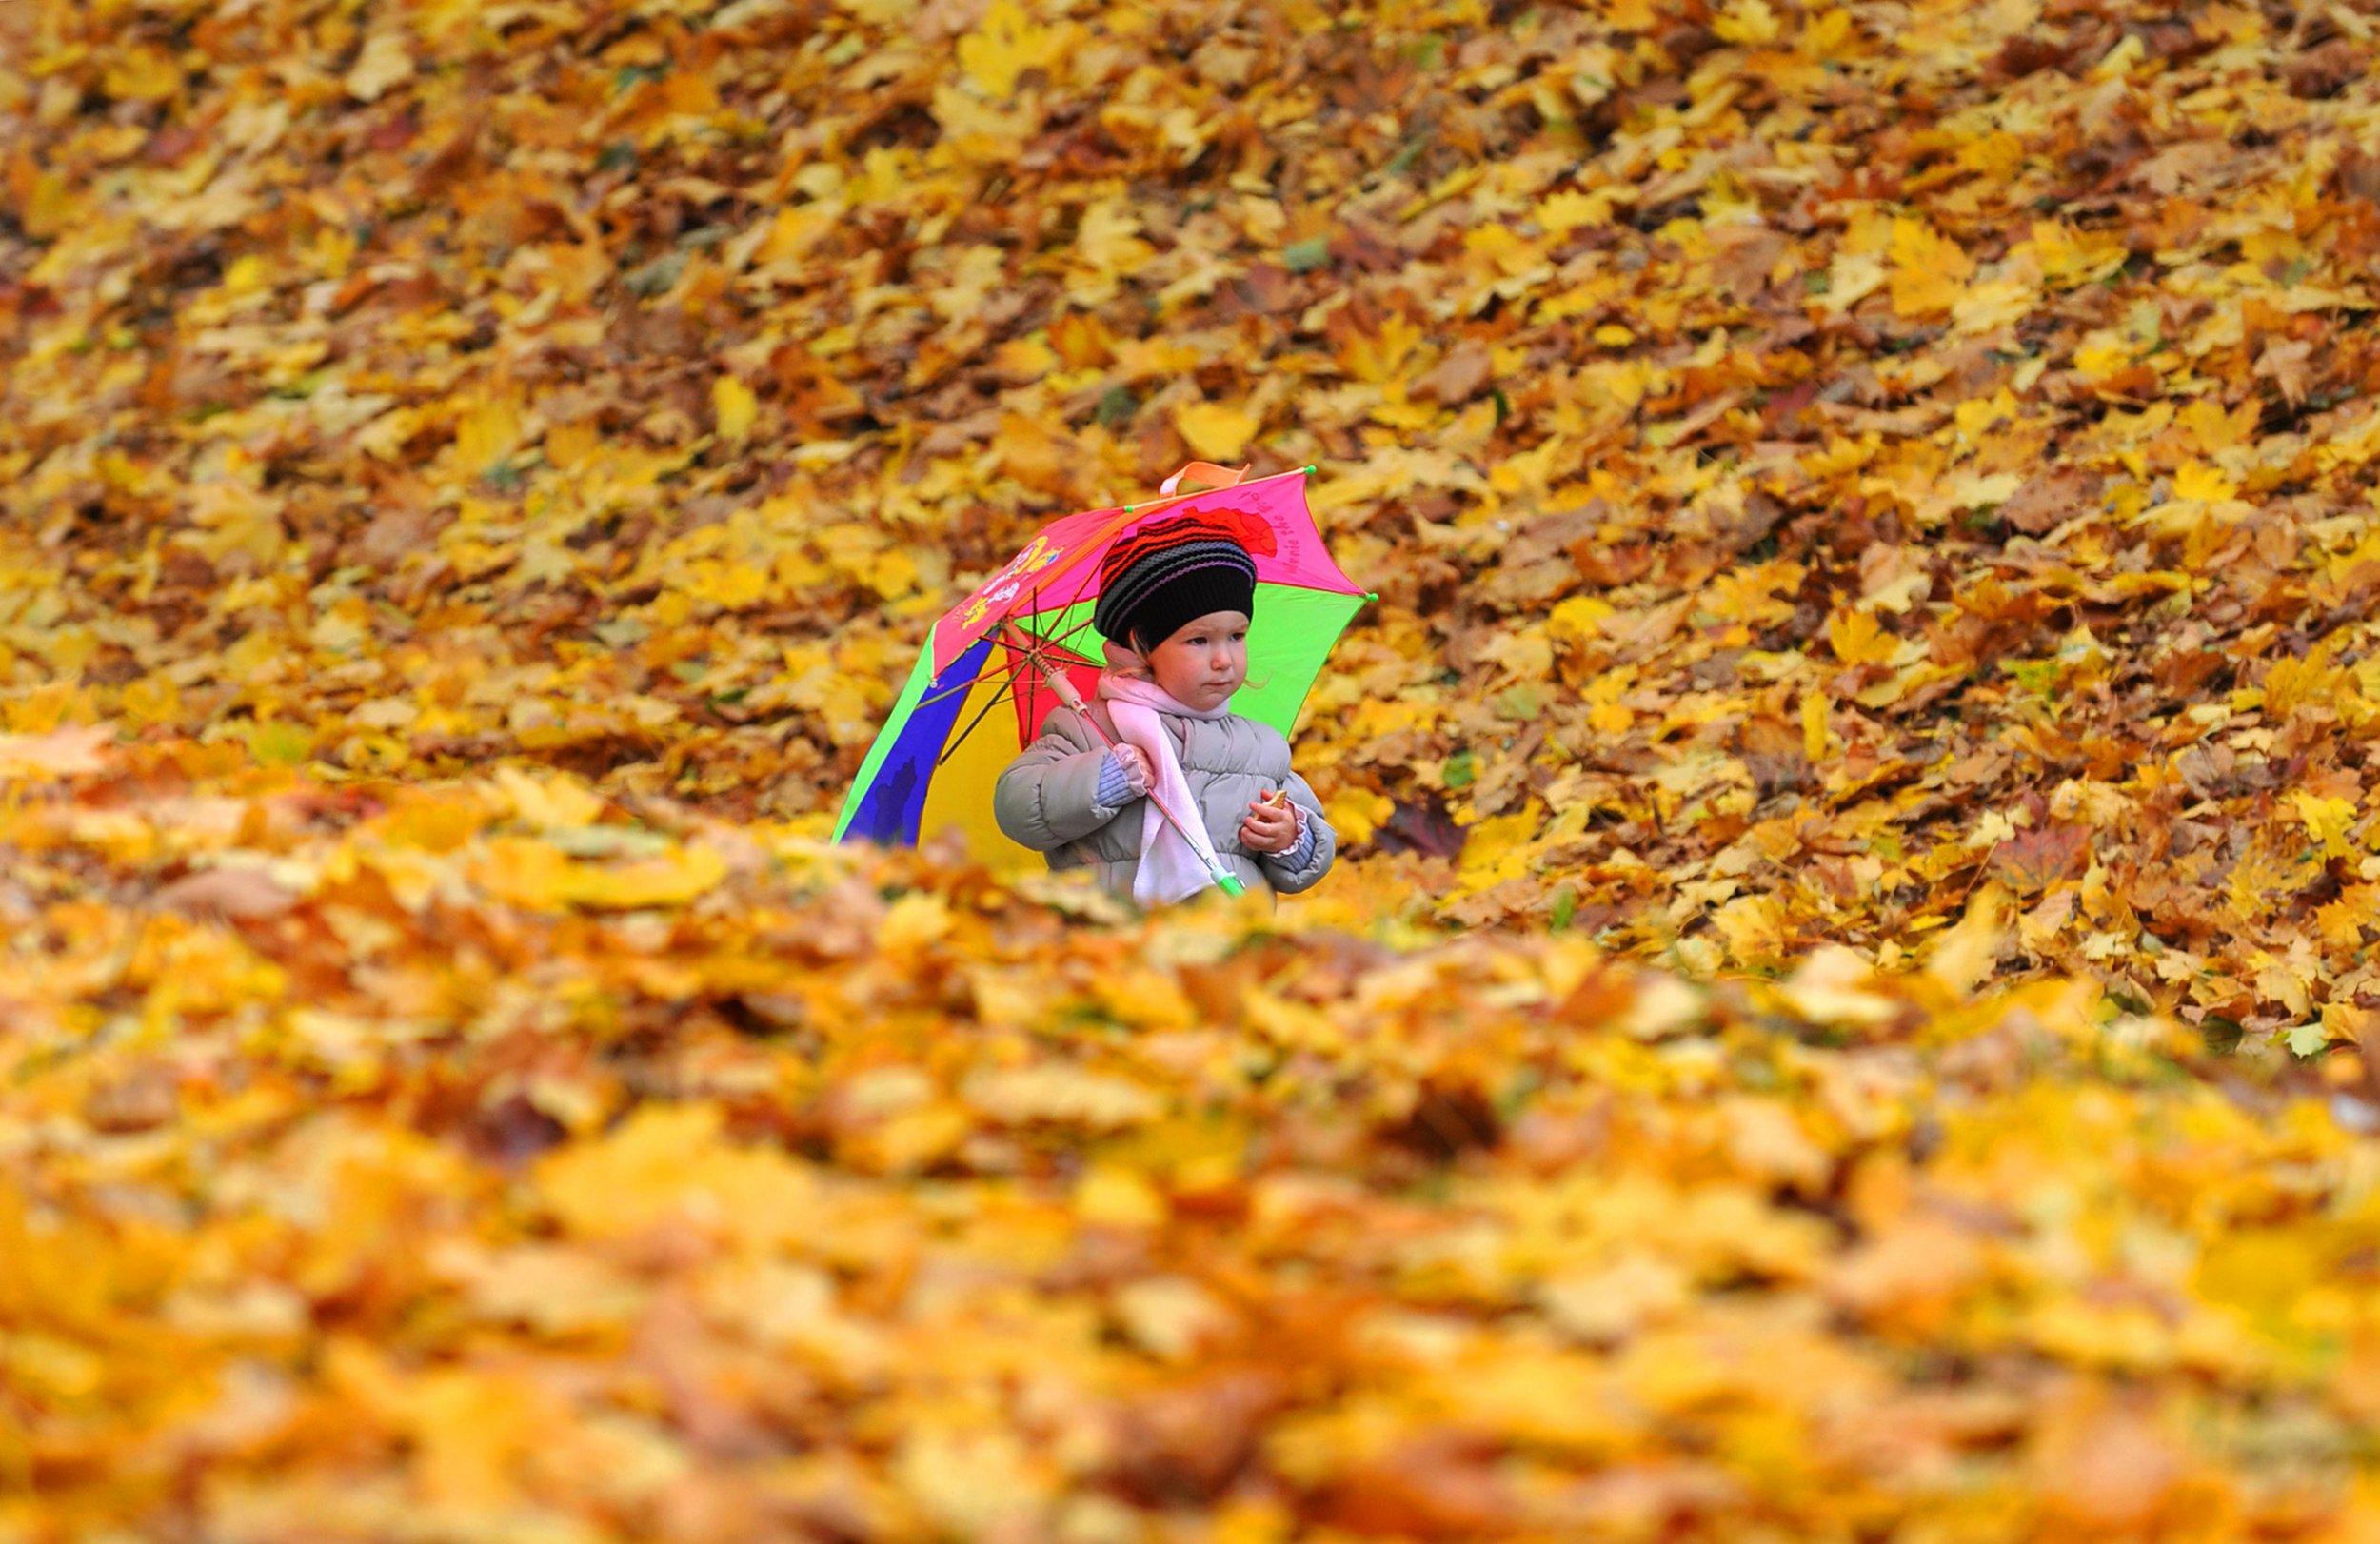 09_21_autumn_seasons